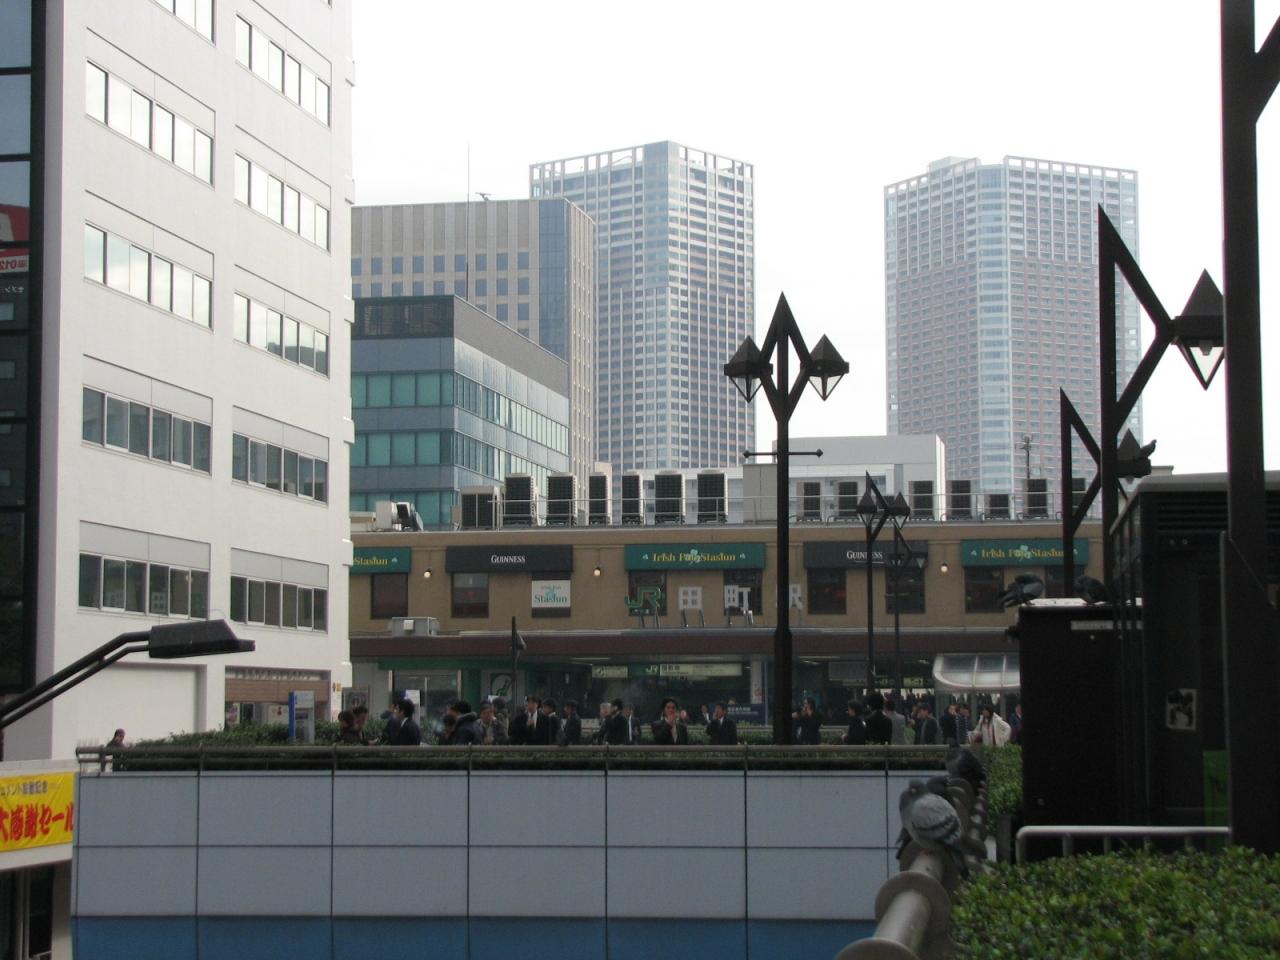 『東京・田町駅付近の風景』三田・田町・芝浦(東京)の旅行記 ...